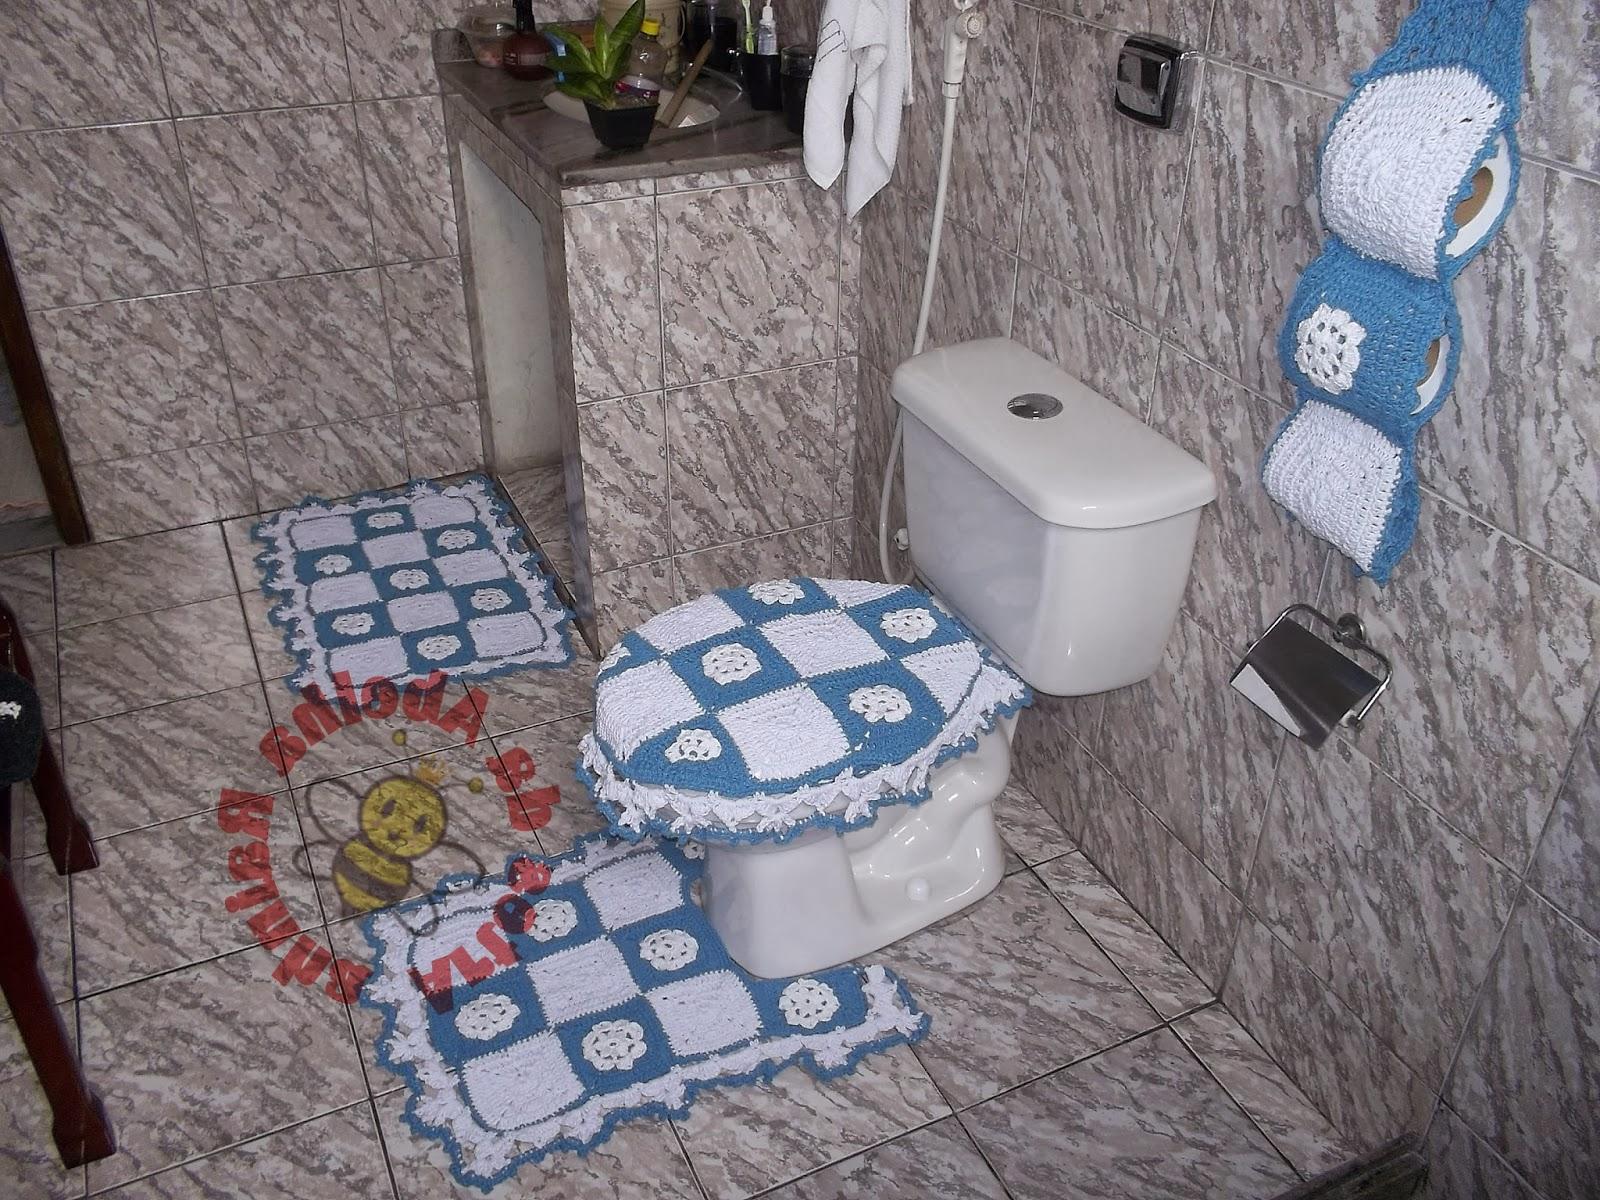 Rainha: Jogo de banheiro em crochê com gráfico (azul e branco #436488 1600x1200 Banheiro Branco E Azul